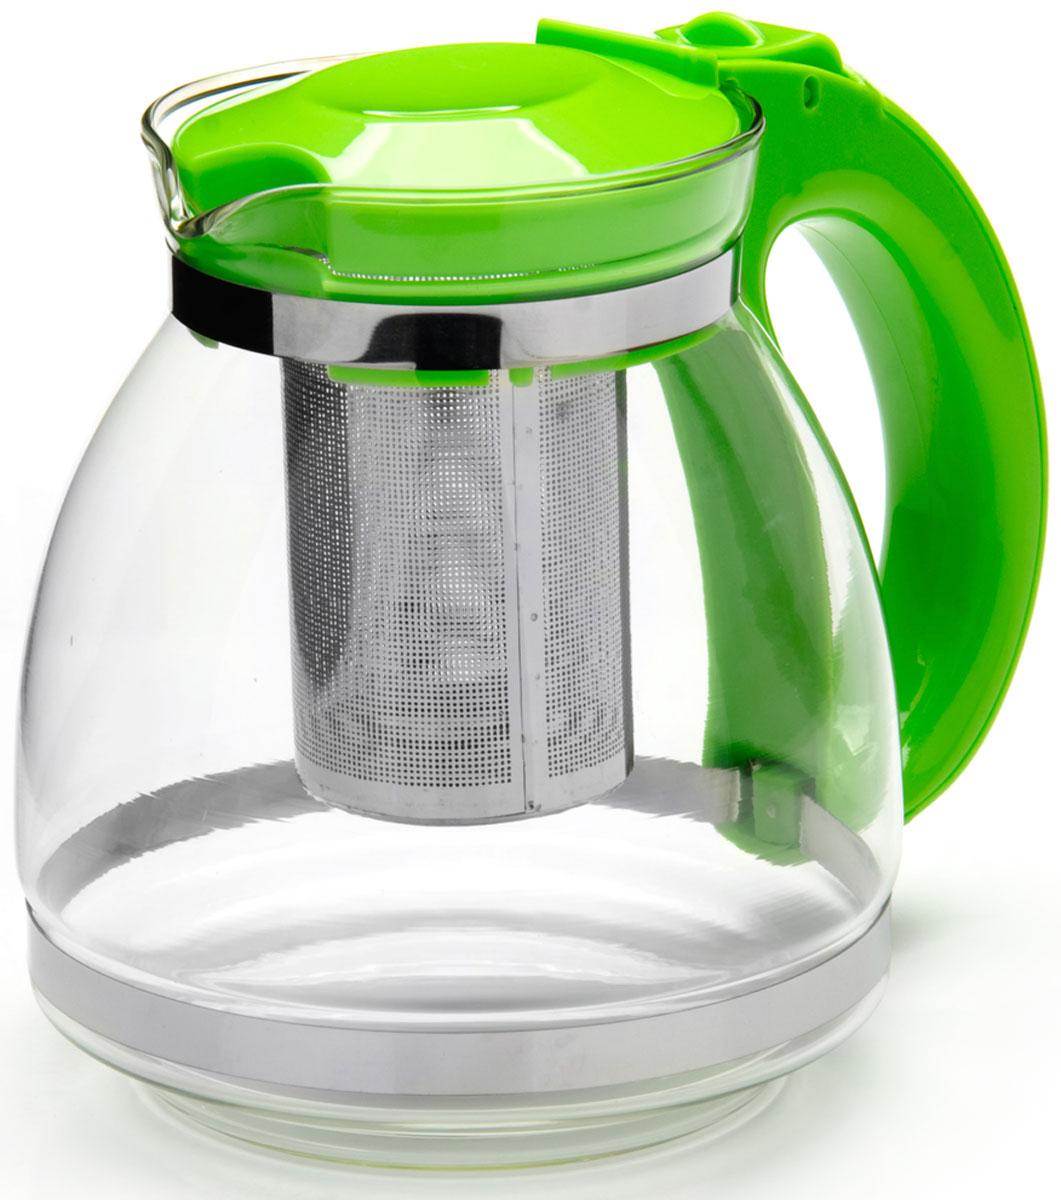 Чайник заварочный Mayer & Boch, с фильтром, цвет: зеленый, 1,5 л. 26170-326170-3Заварочный чайник Mayer & Boch изготовлен из термостойкого боросиликатного стекла, фильтр выполнен из нержавеющей стали. Изделия из стекла не впитывают запахи, благодаря чему вы всегда получите натуральный, насыщенный вкус и аромат напитков. Заварочный чайник из стекла удобно использовать для повседневного заваривания чая практически любого сорта. Но цветочные, фруктовые, красные и желтые сорта чая лучше других раскрывают свой вкус и аромат при заваривании именно в стеклянных чайниках, а также сохраняют все полезные ферменты и витамины, содержащиеся в чайных листах. Стальной фильтр гарантирует прозрачность и чистоту напитка от чайных листьев, при этом сохранив букет и насыщенность чая.Прозрачные стенки чайника дают возможность насладиться насыщенным цветом заваренного чая. Изящный заварочный чайник Mayer & Boch будет прекрасно смотреться в любом интерьере. Подходит для мытья в посудомоечной машине.